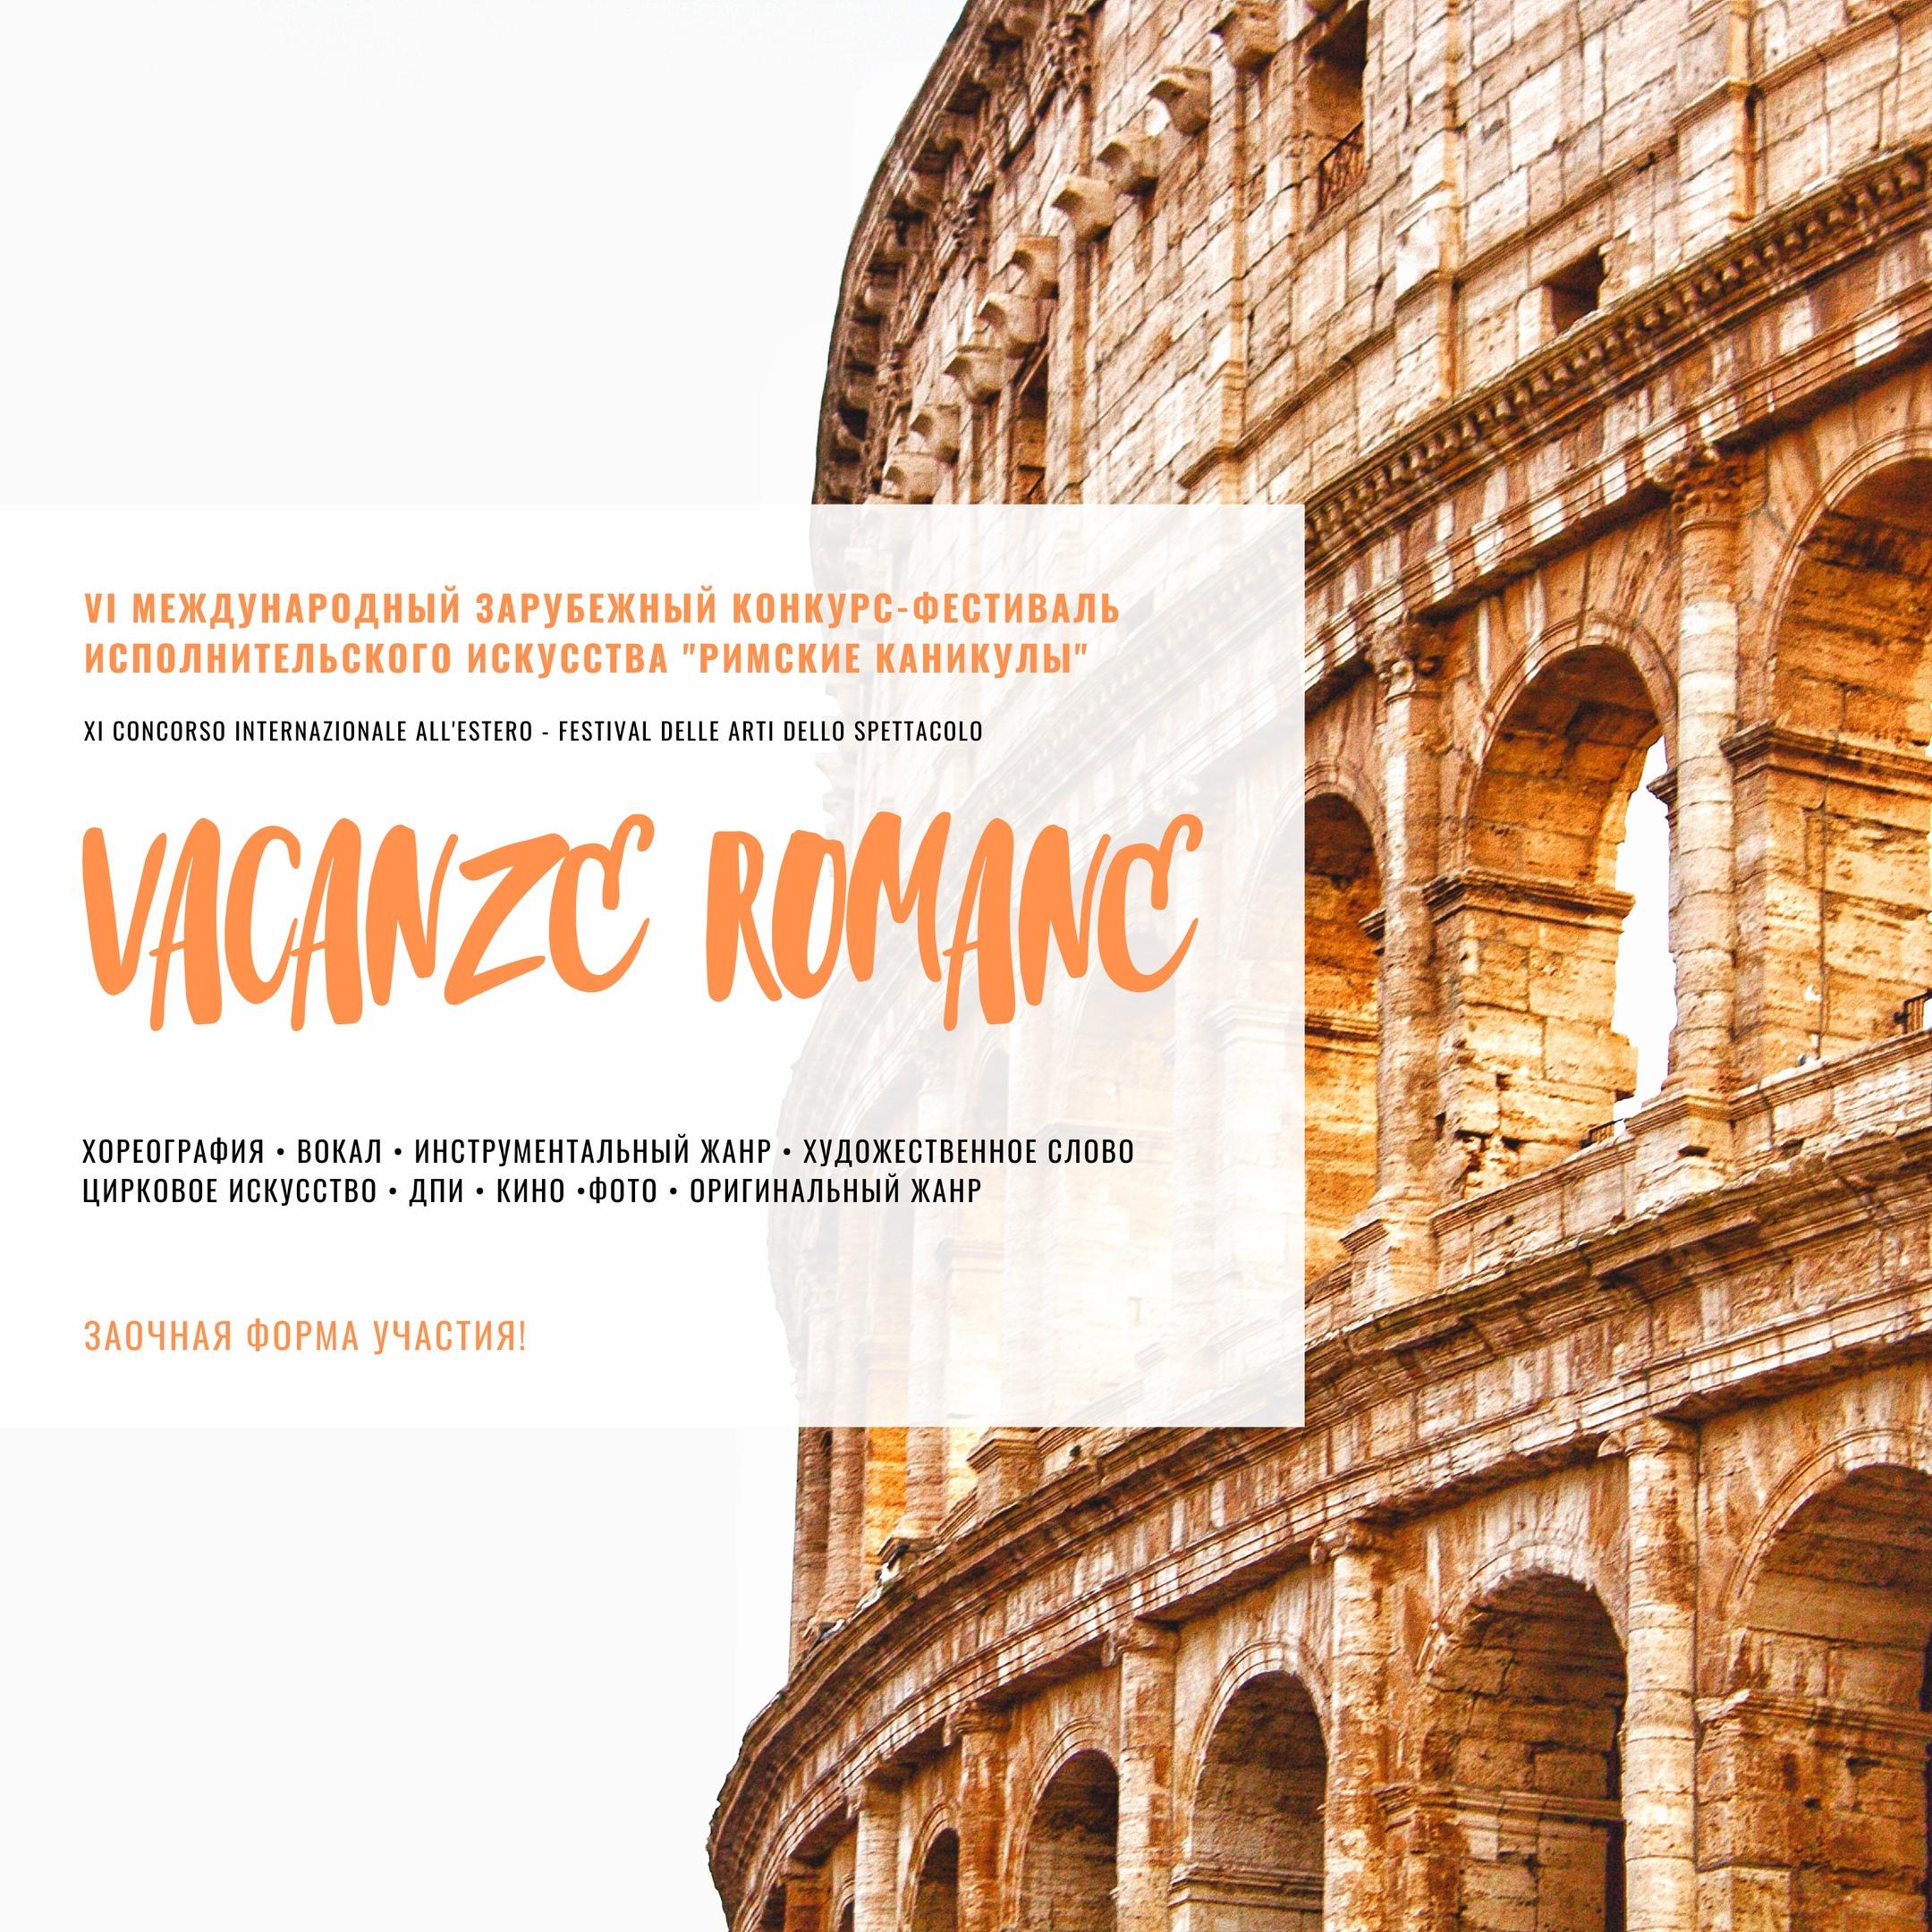 Подведены итоги Международного зарубежного конкурса-фестиваля исполнительского искусства в Риме